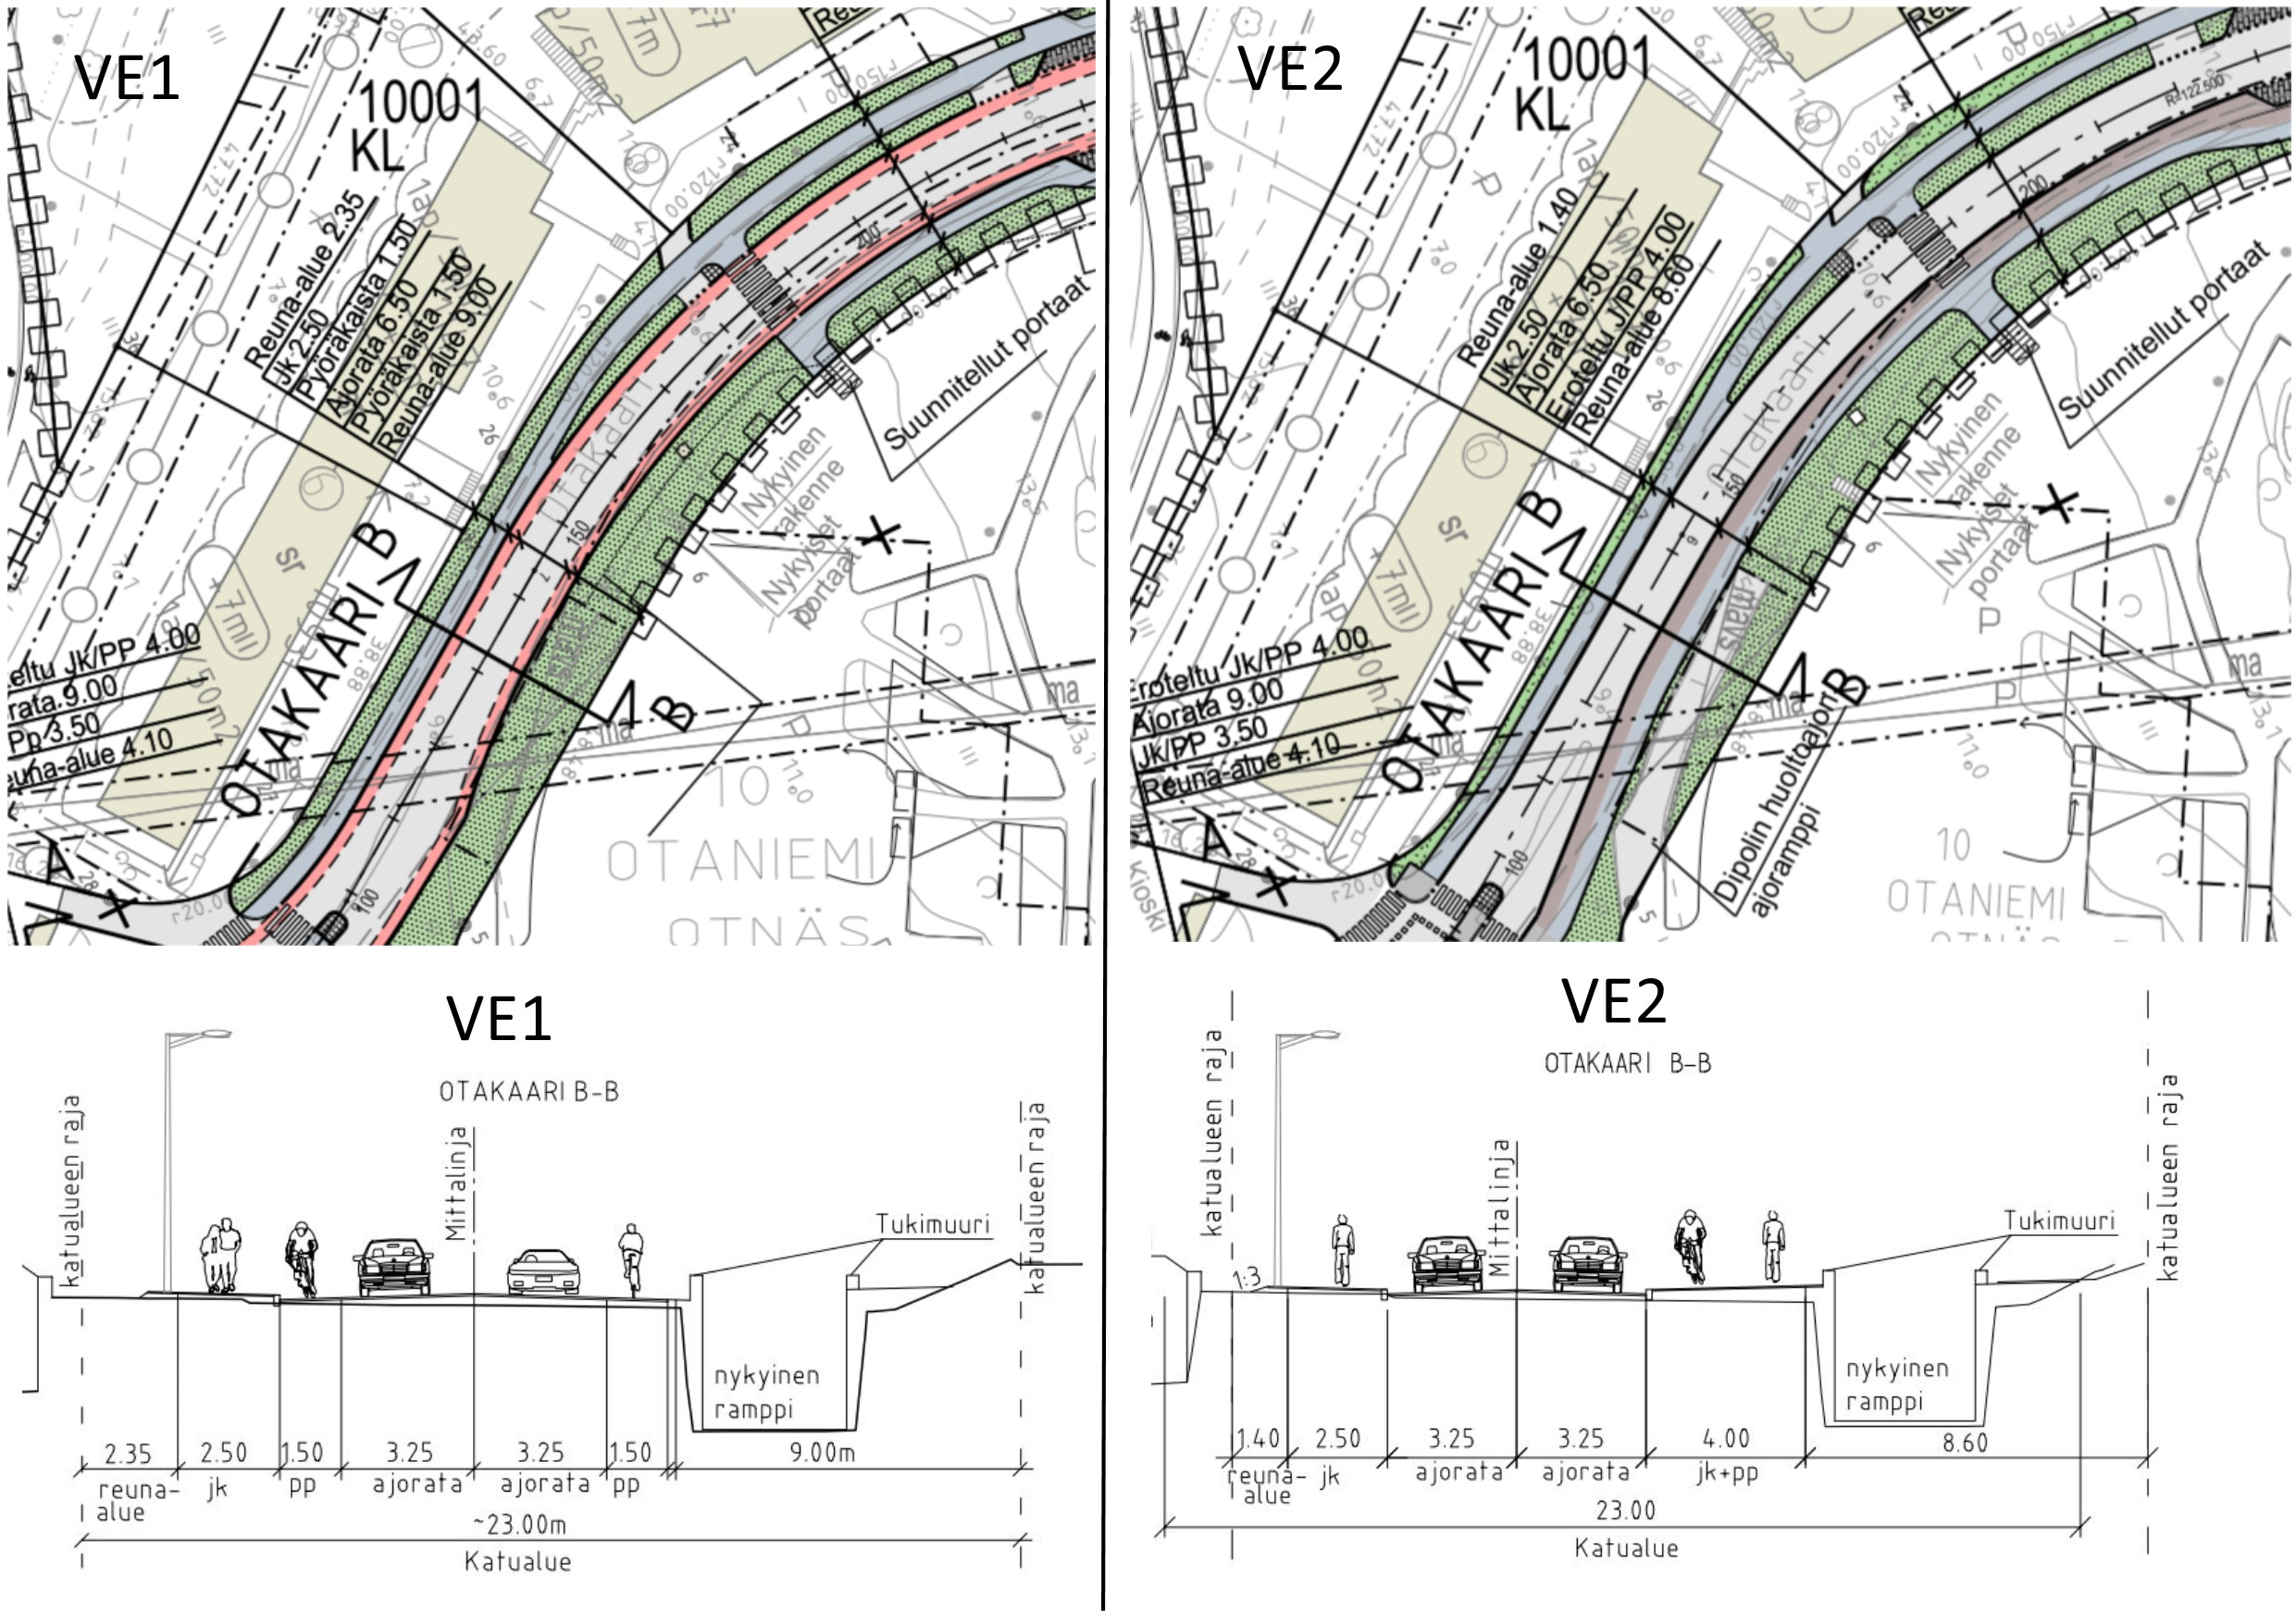 Kuva: VE1 ja VE2 Dipolin edustalla. Poikkileikkauksissa katutilan jakautuminen.